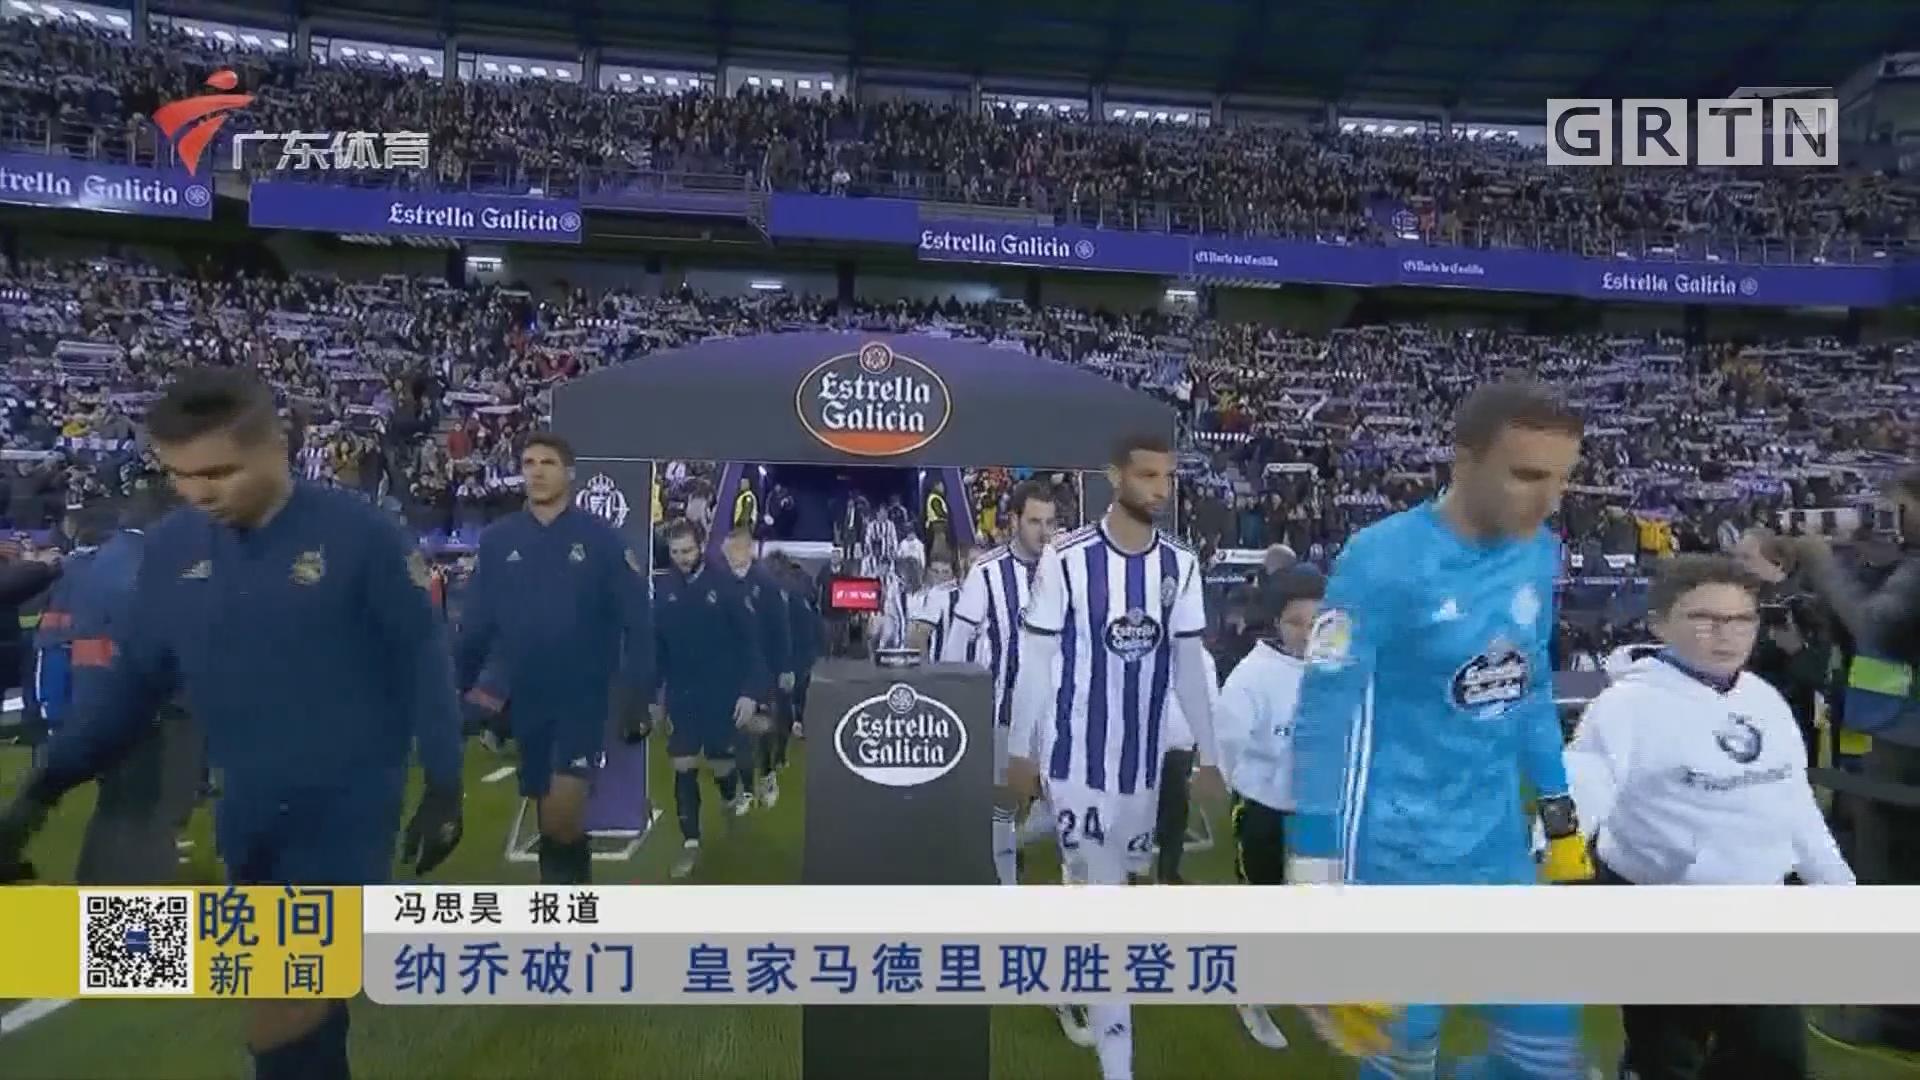 纳乔破门 皇家马德里取胜登顶